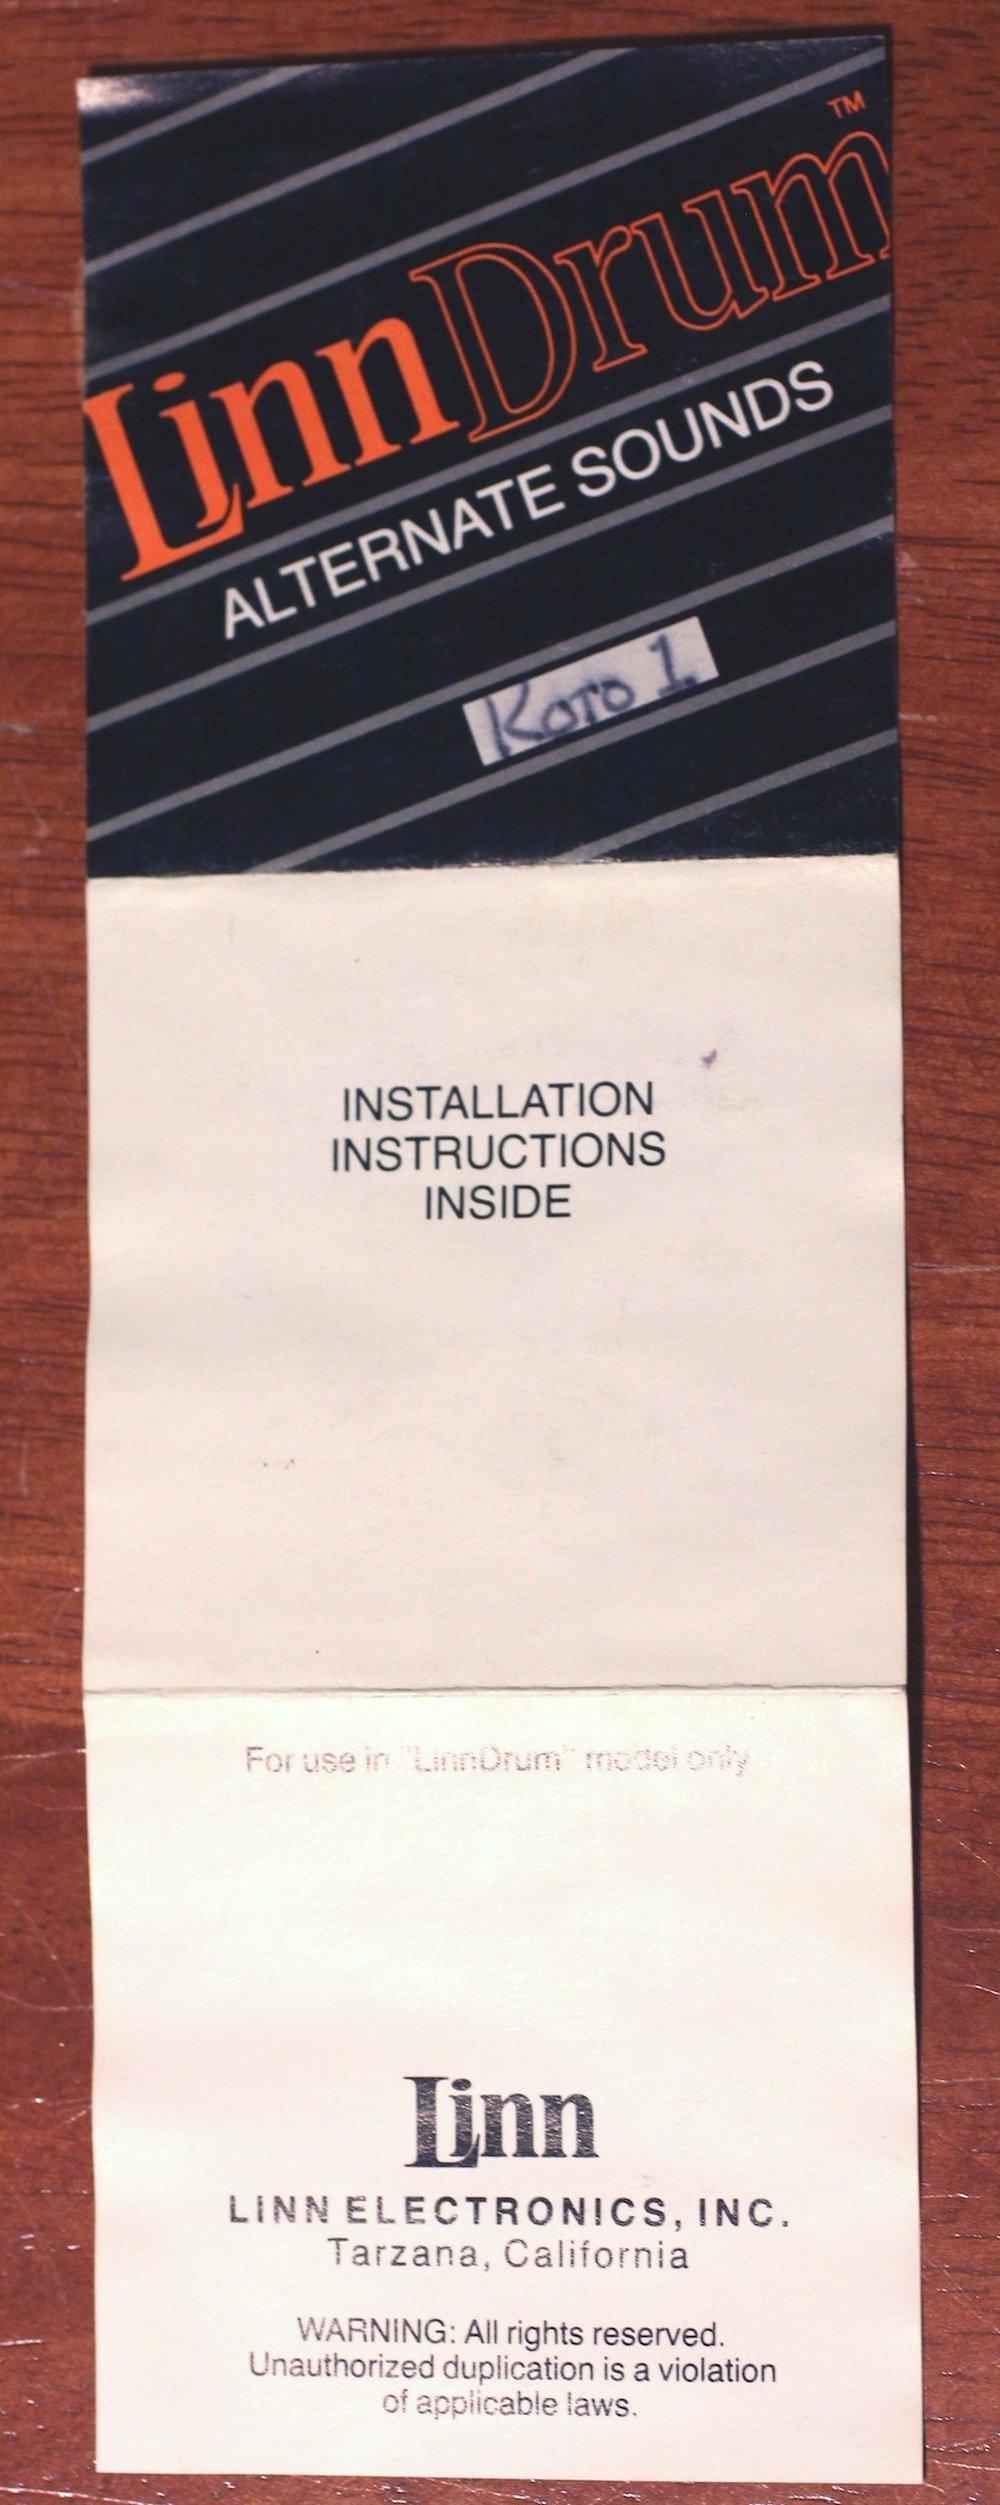 19-chip-installation-instructions-01-img_4480.jpg